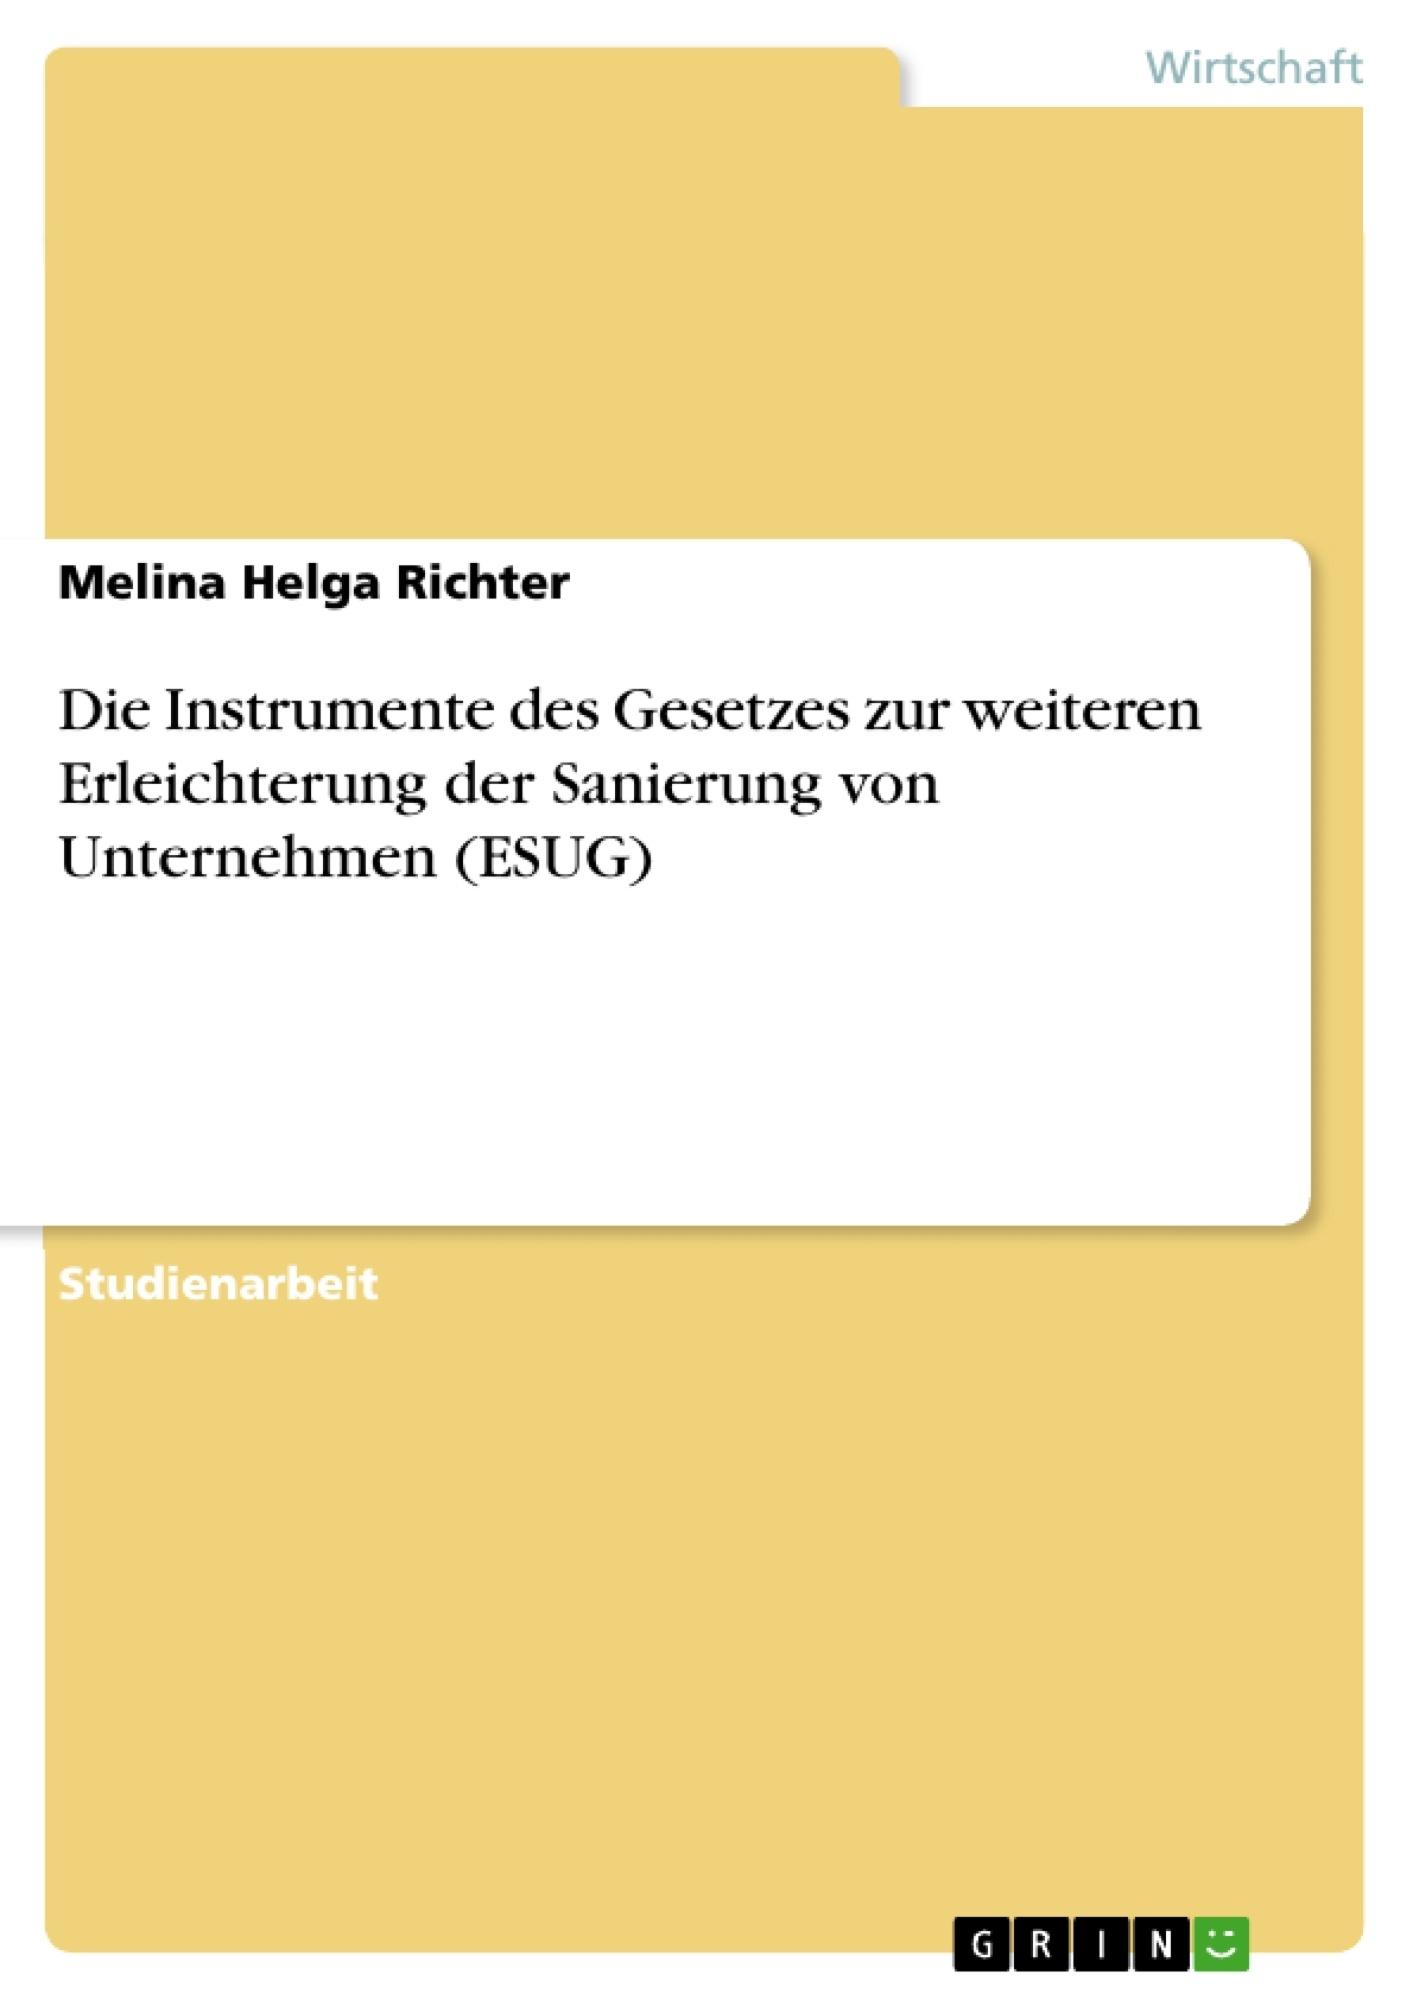 Titel: Die Instrumente des Gesetzes zur weiteren Erleichterung der Sanierung von Unternehmen (ESUG)